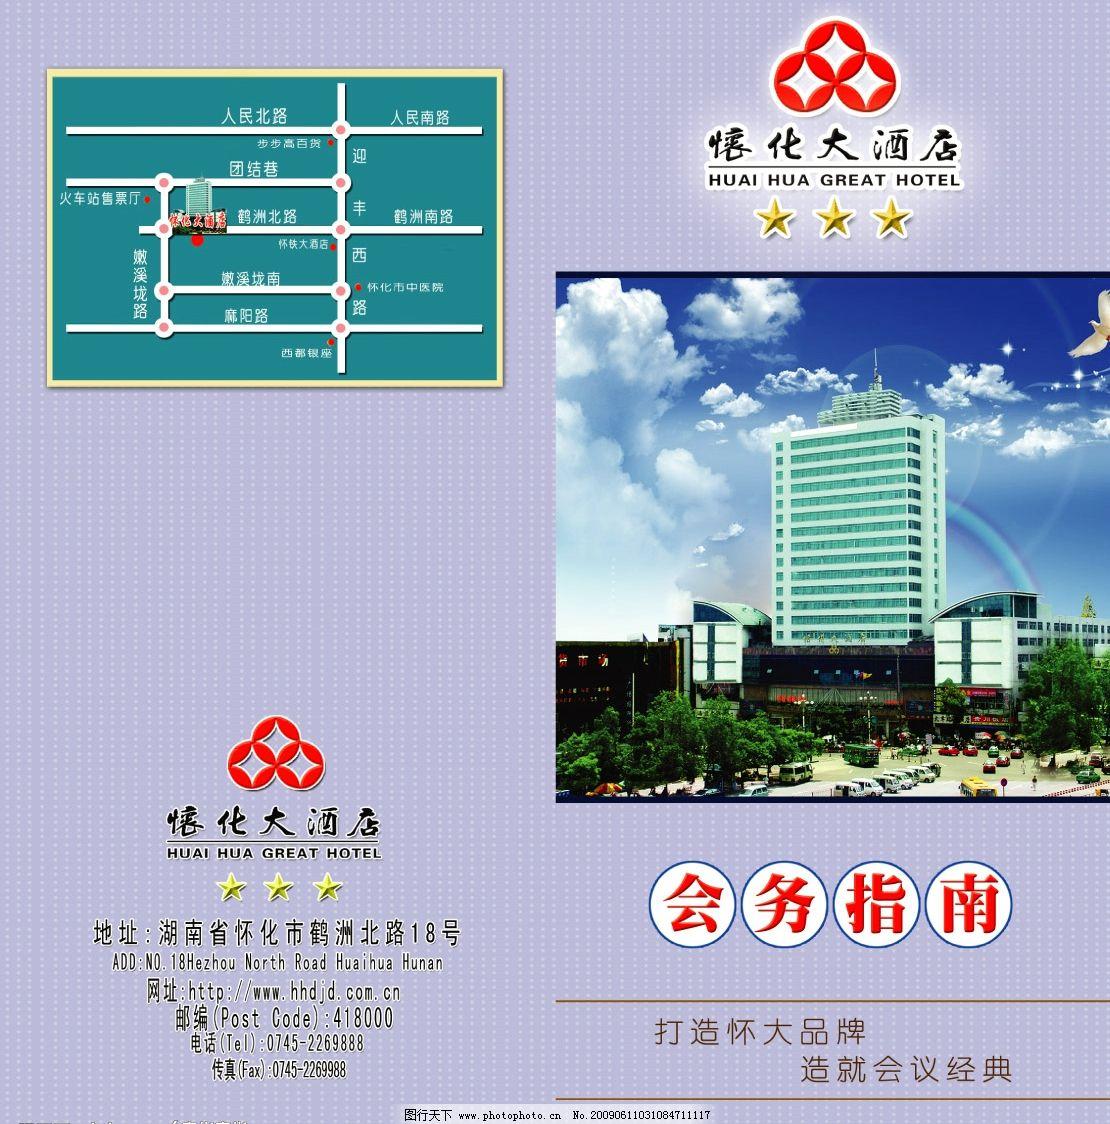 会务指南 会议 宣传单 会议宣传 酒店 宾馆 蓝天 广告设计模板 其他